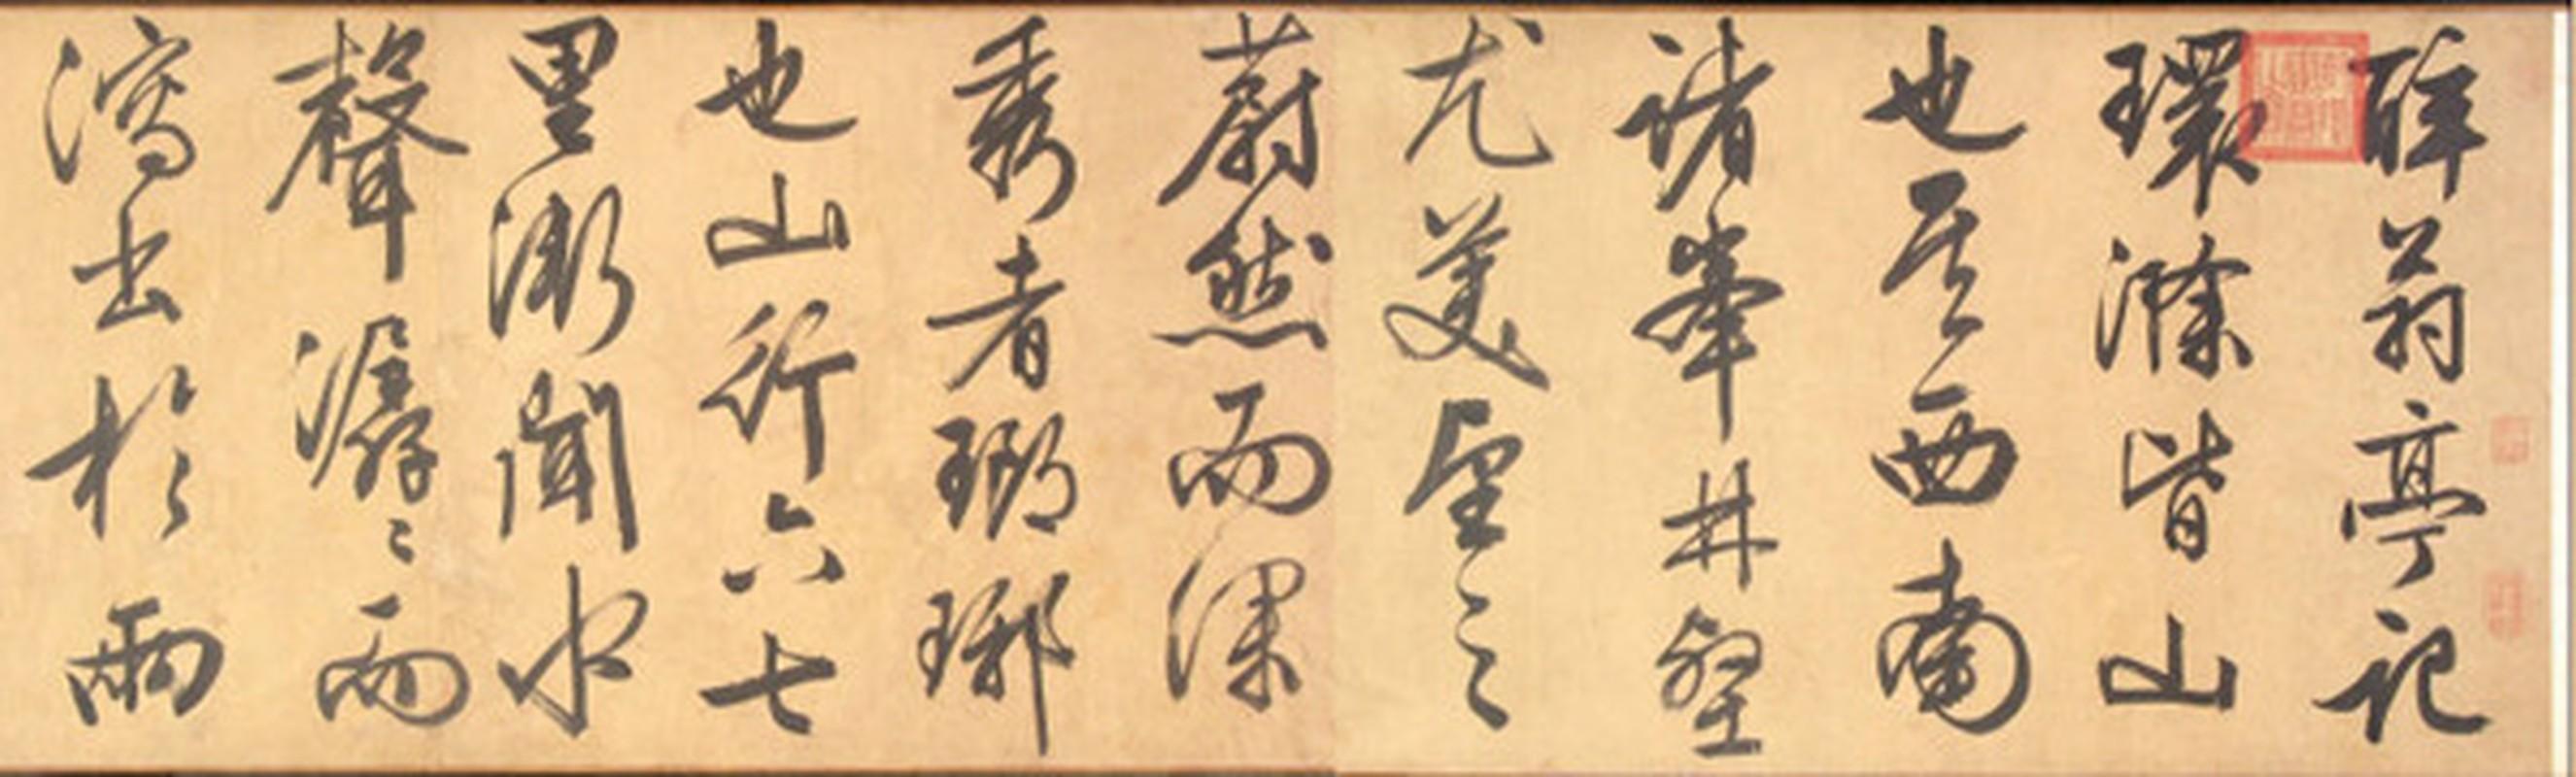 Lang ngam bau vat quy hiem cua Trung Quoc thoi xua-Hinh-6